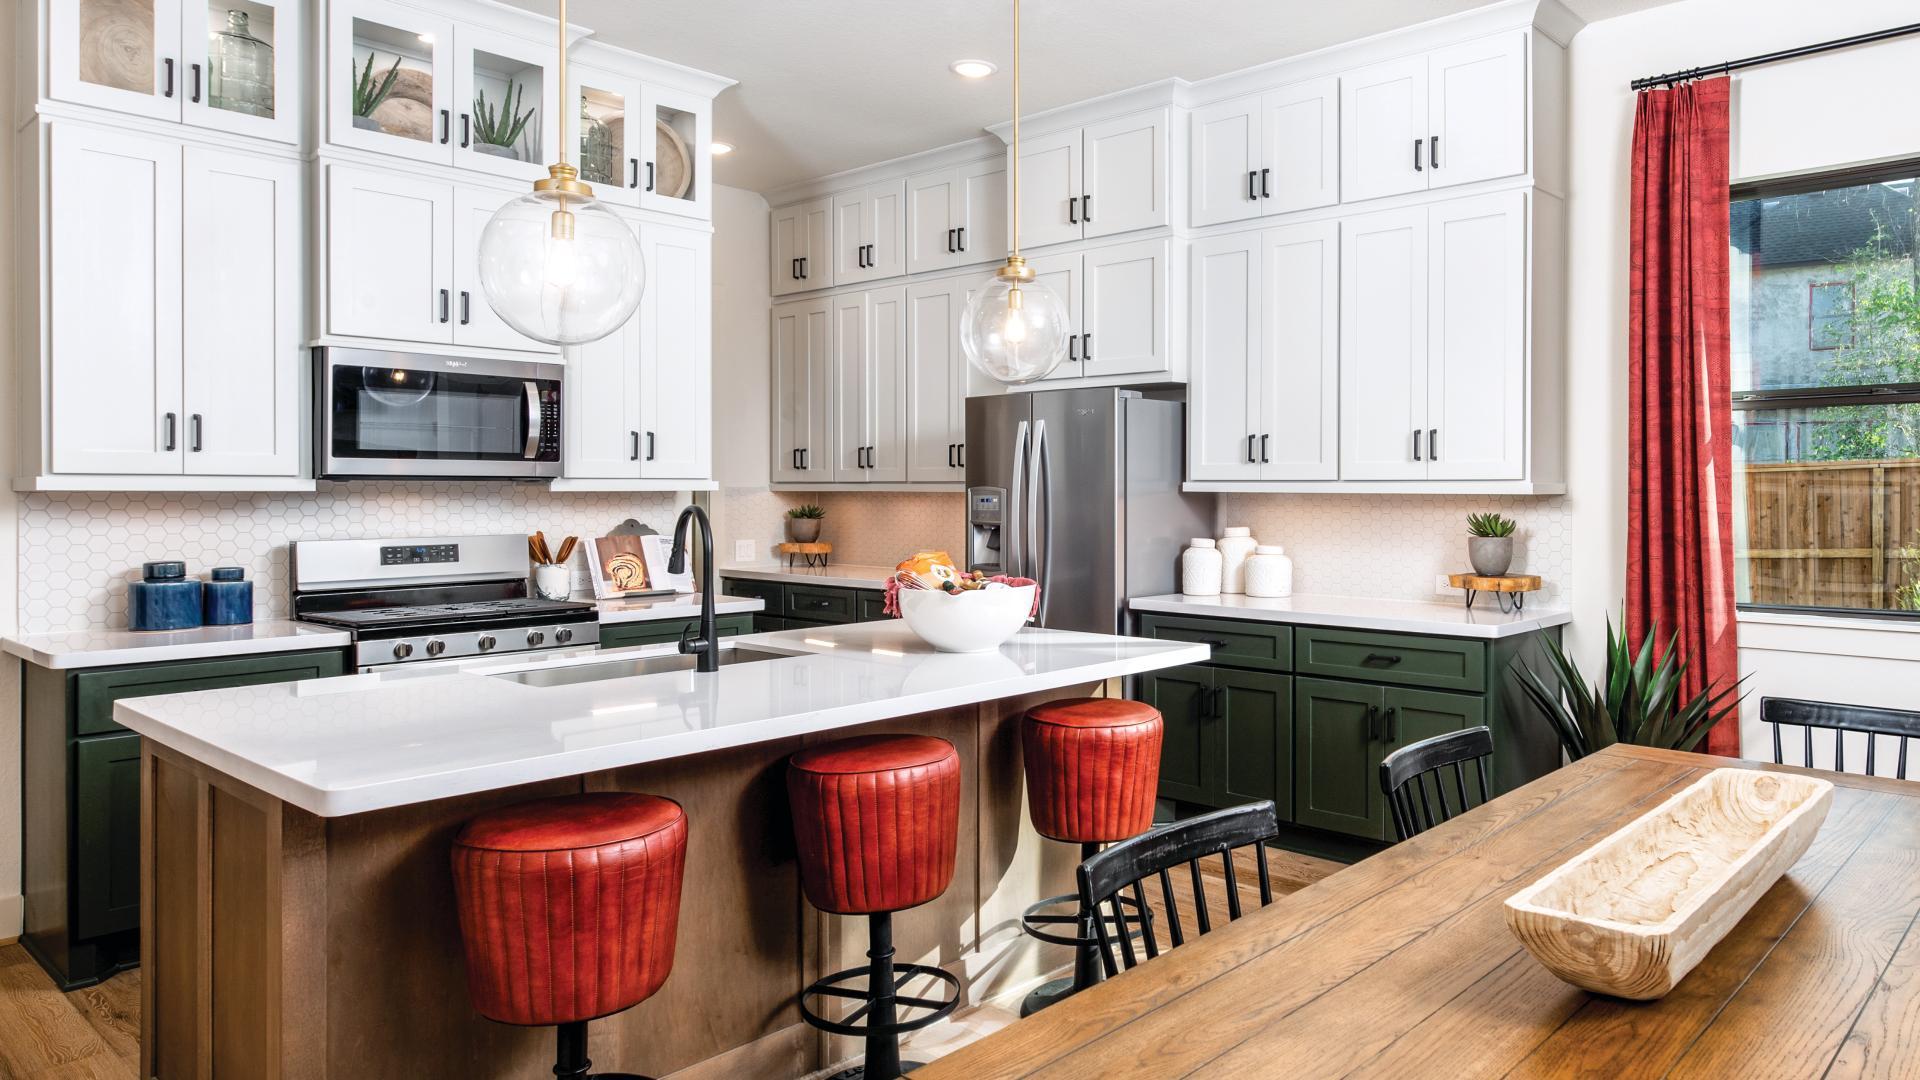 Stunning chef's kitchen